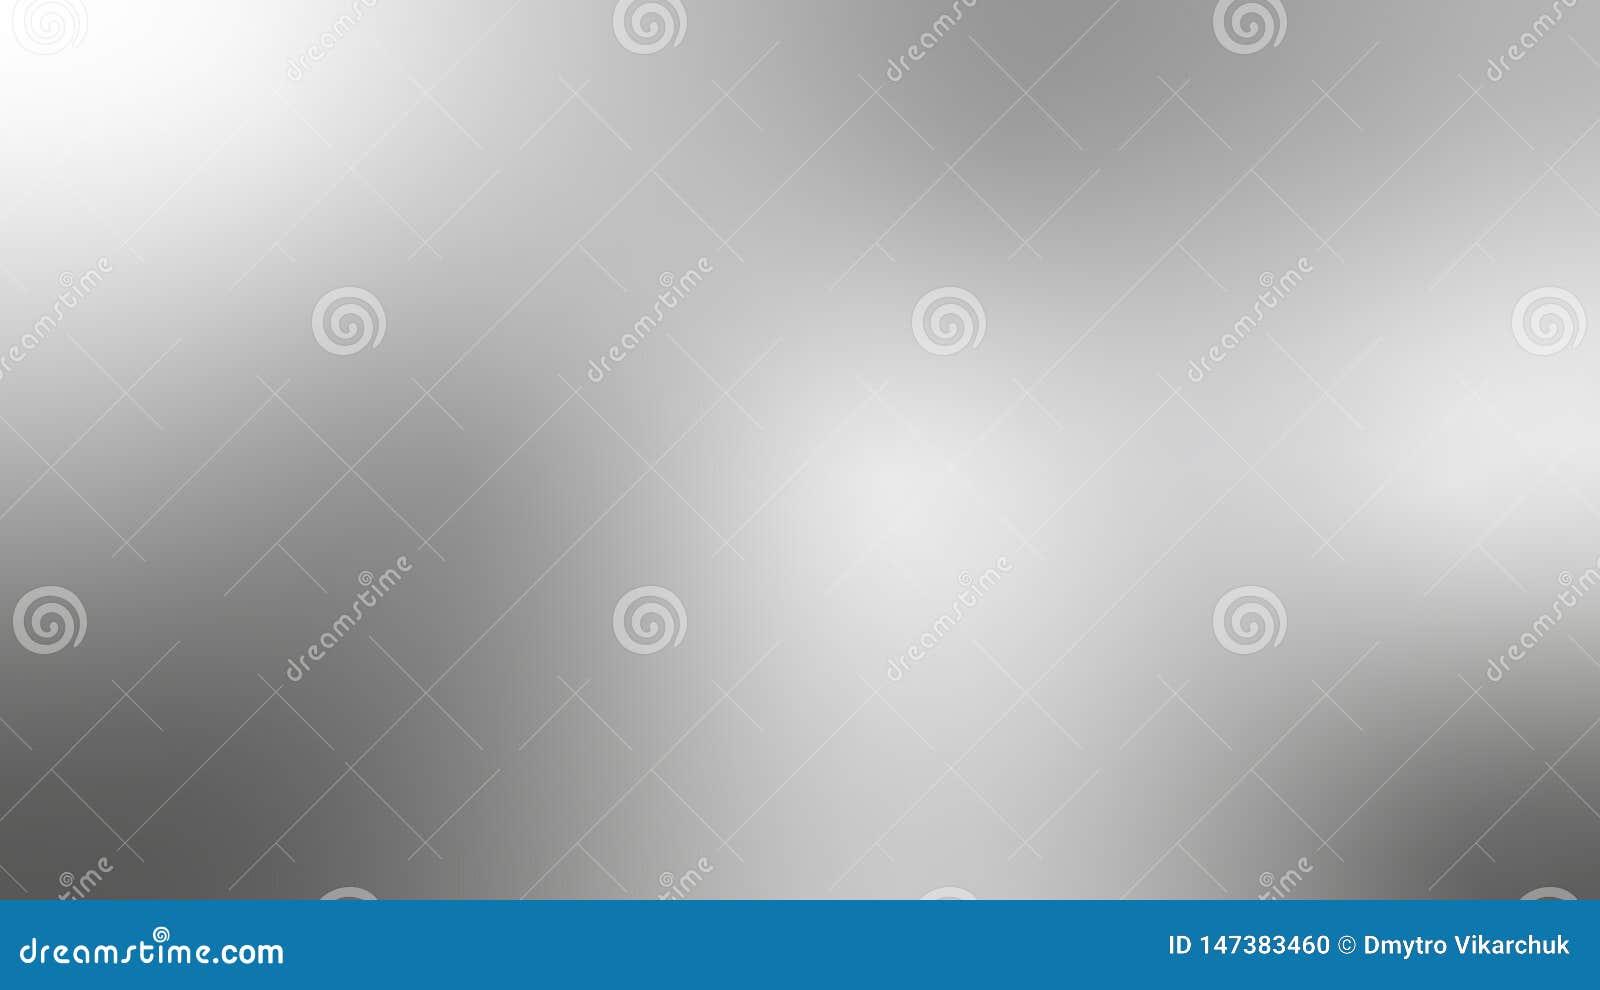 Pendiente gris blanca abstraiga el fondo